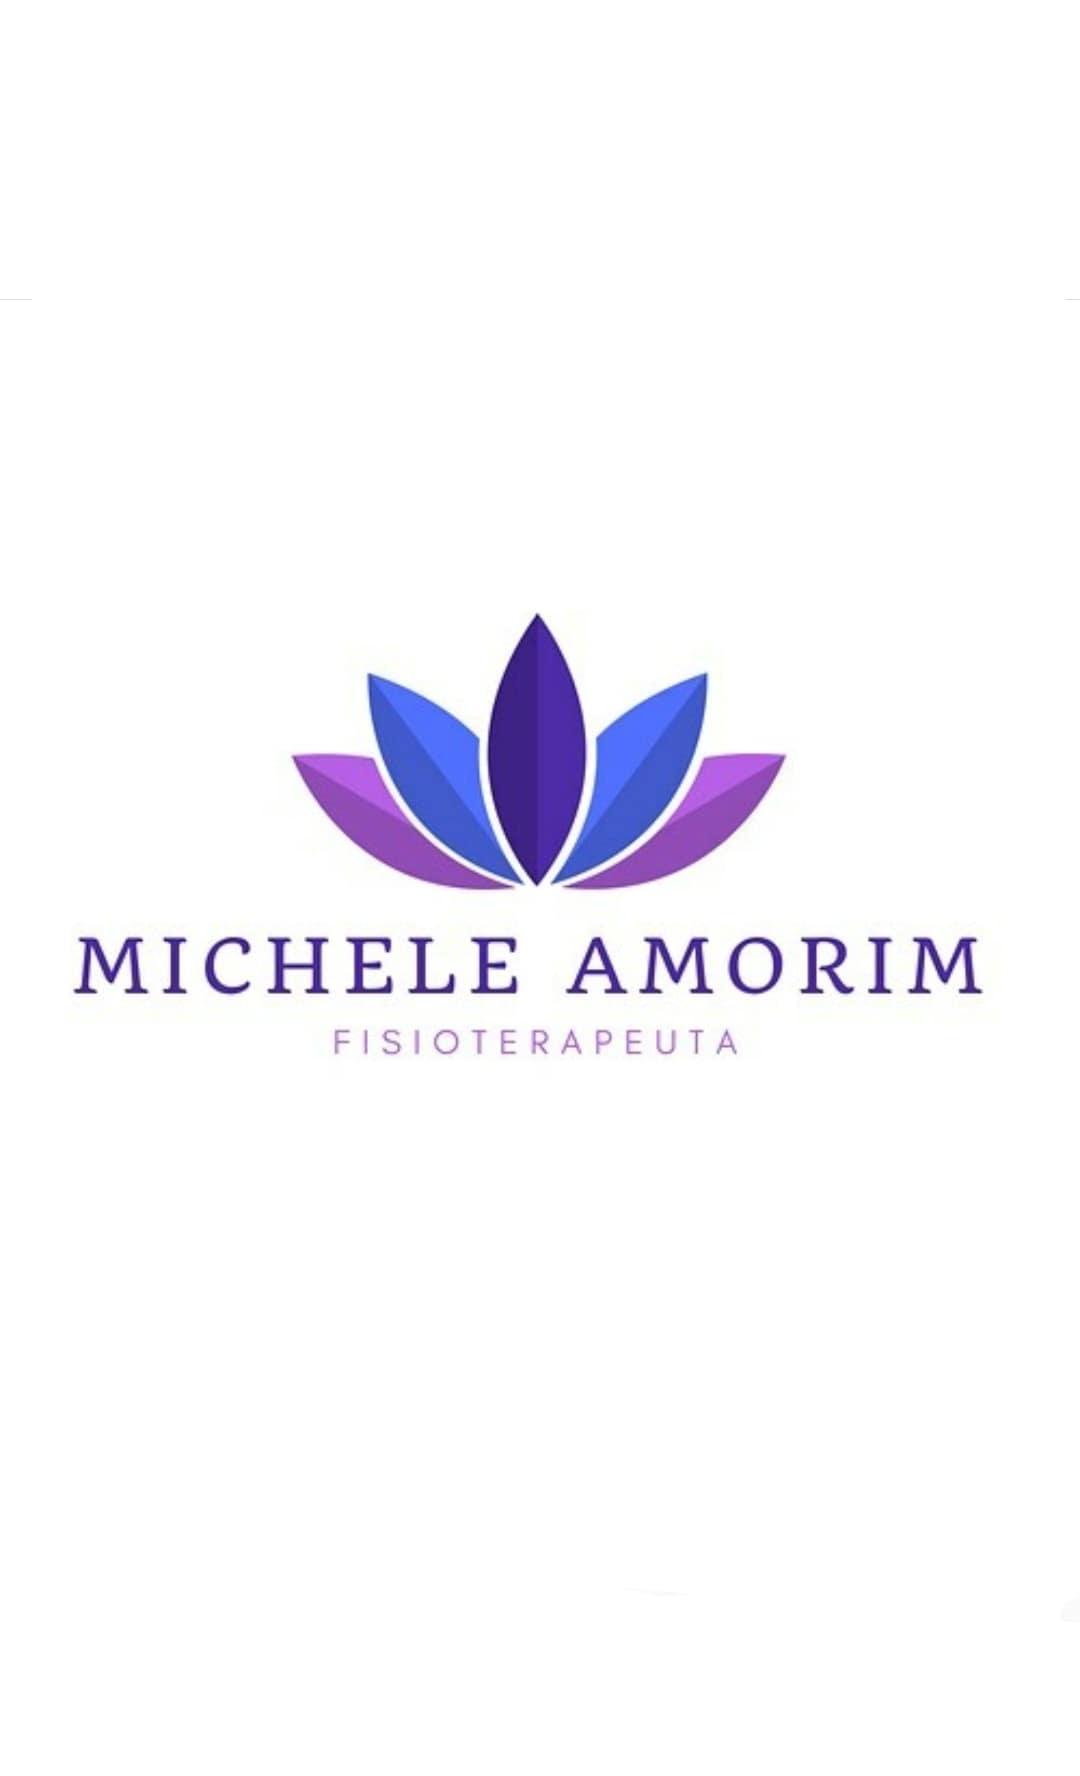 Fisioterapeuta Michele Amorim